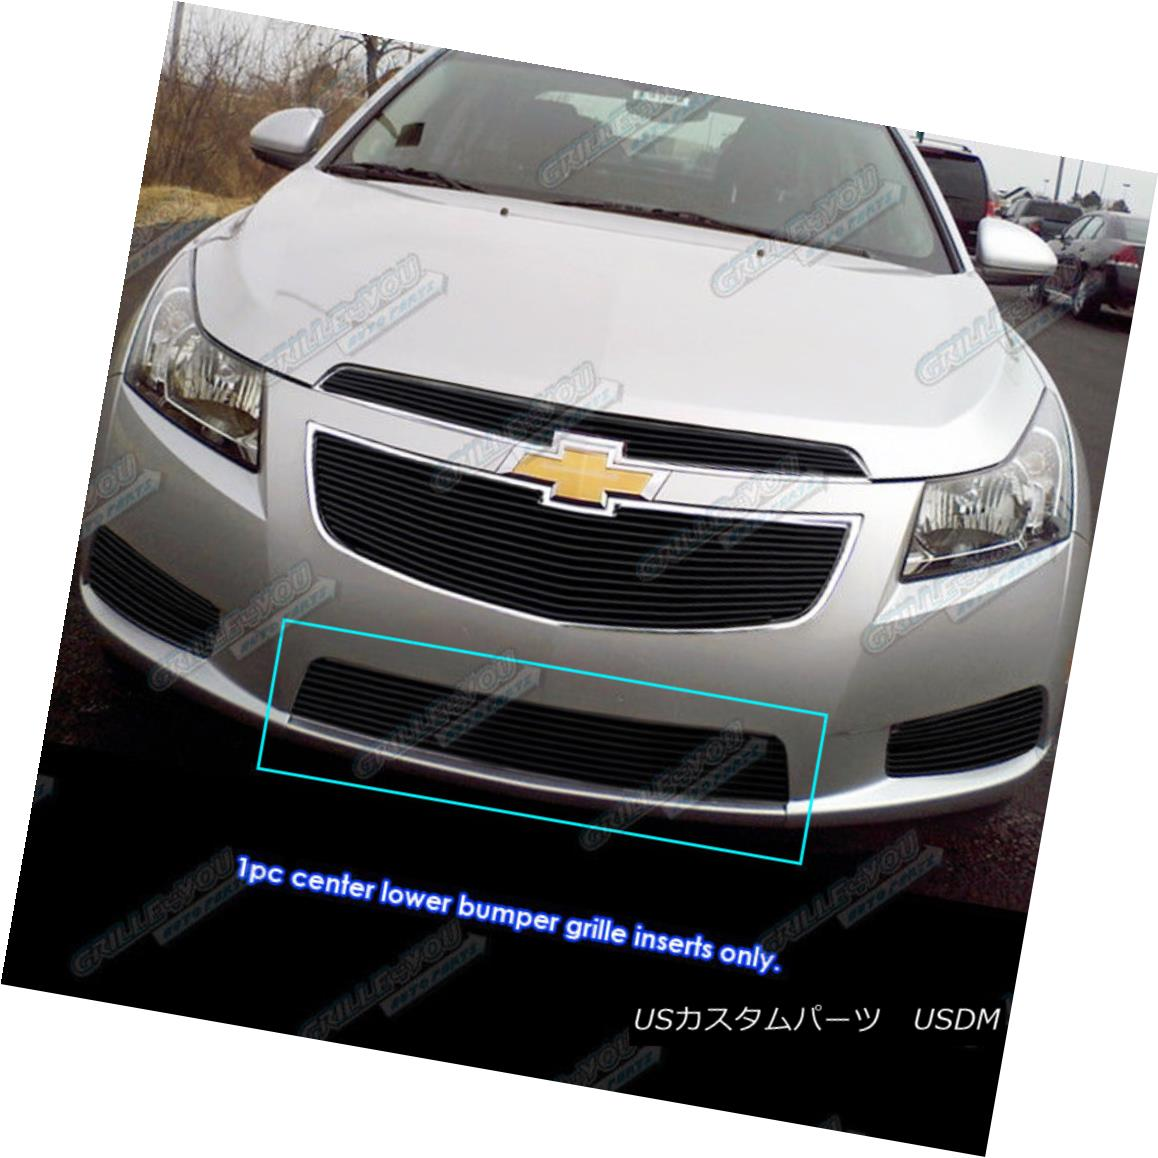 グリル For 2011-2014 Chevy Cruze Regular Bumper Black Billet Grille Grill Insert 2011-2014シボレークルーズレギュラーバンパーブラックビレットグリルグリルインサート